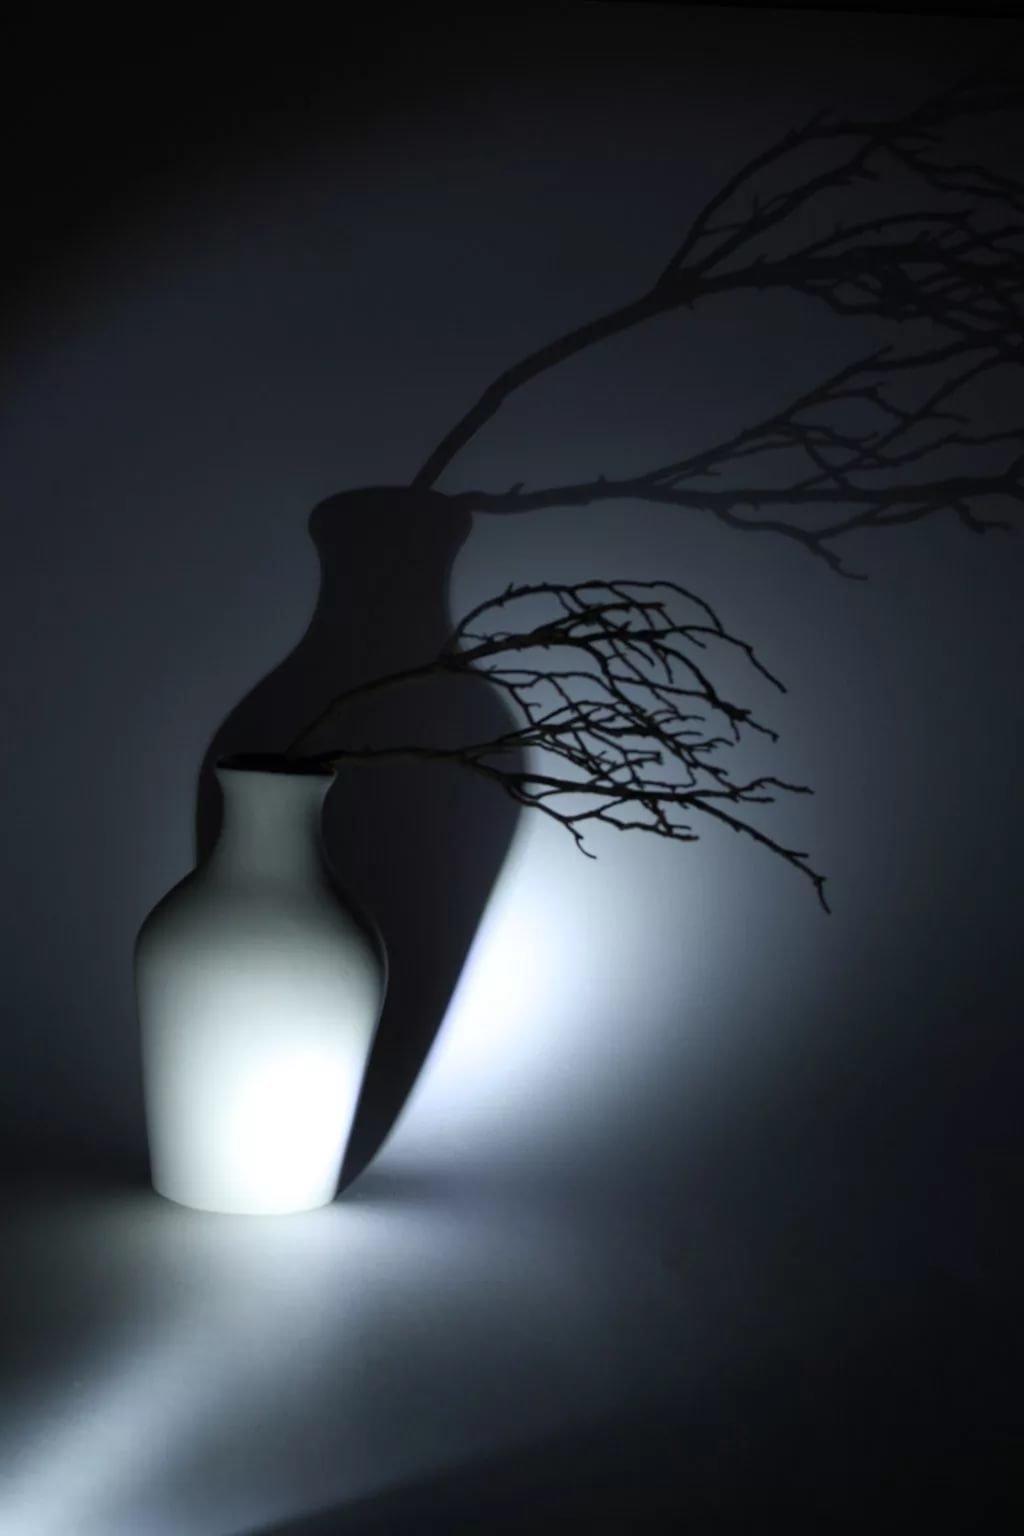 ними картинка свет и тень жизни сращения между головкой